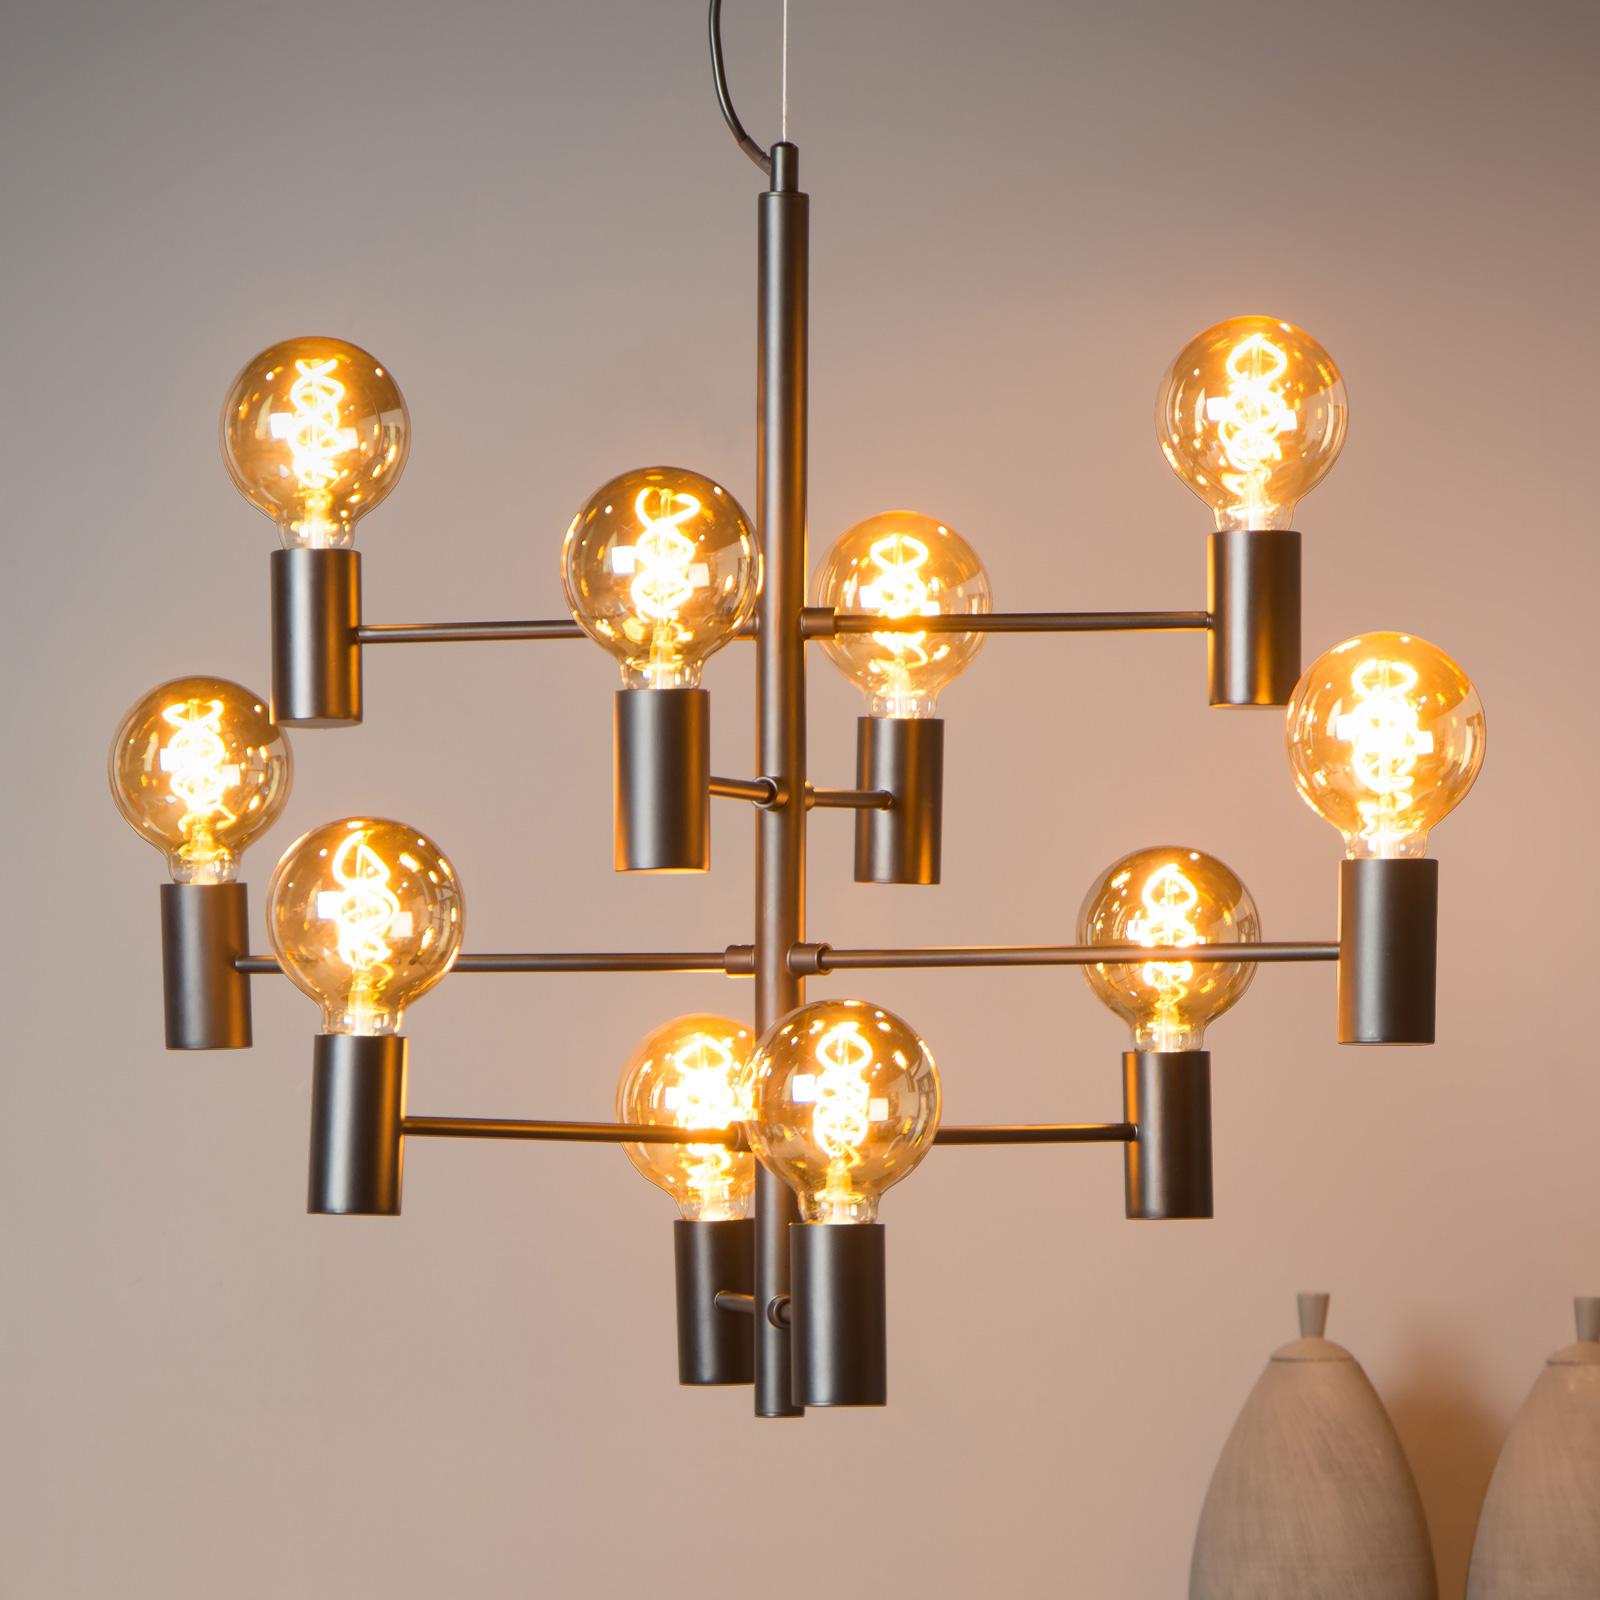 Hanglamp Leanne, zwart, 10-lamps